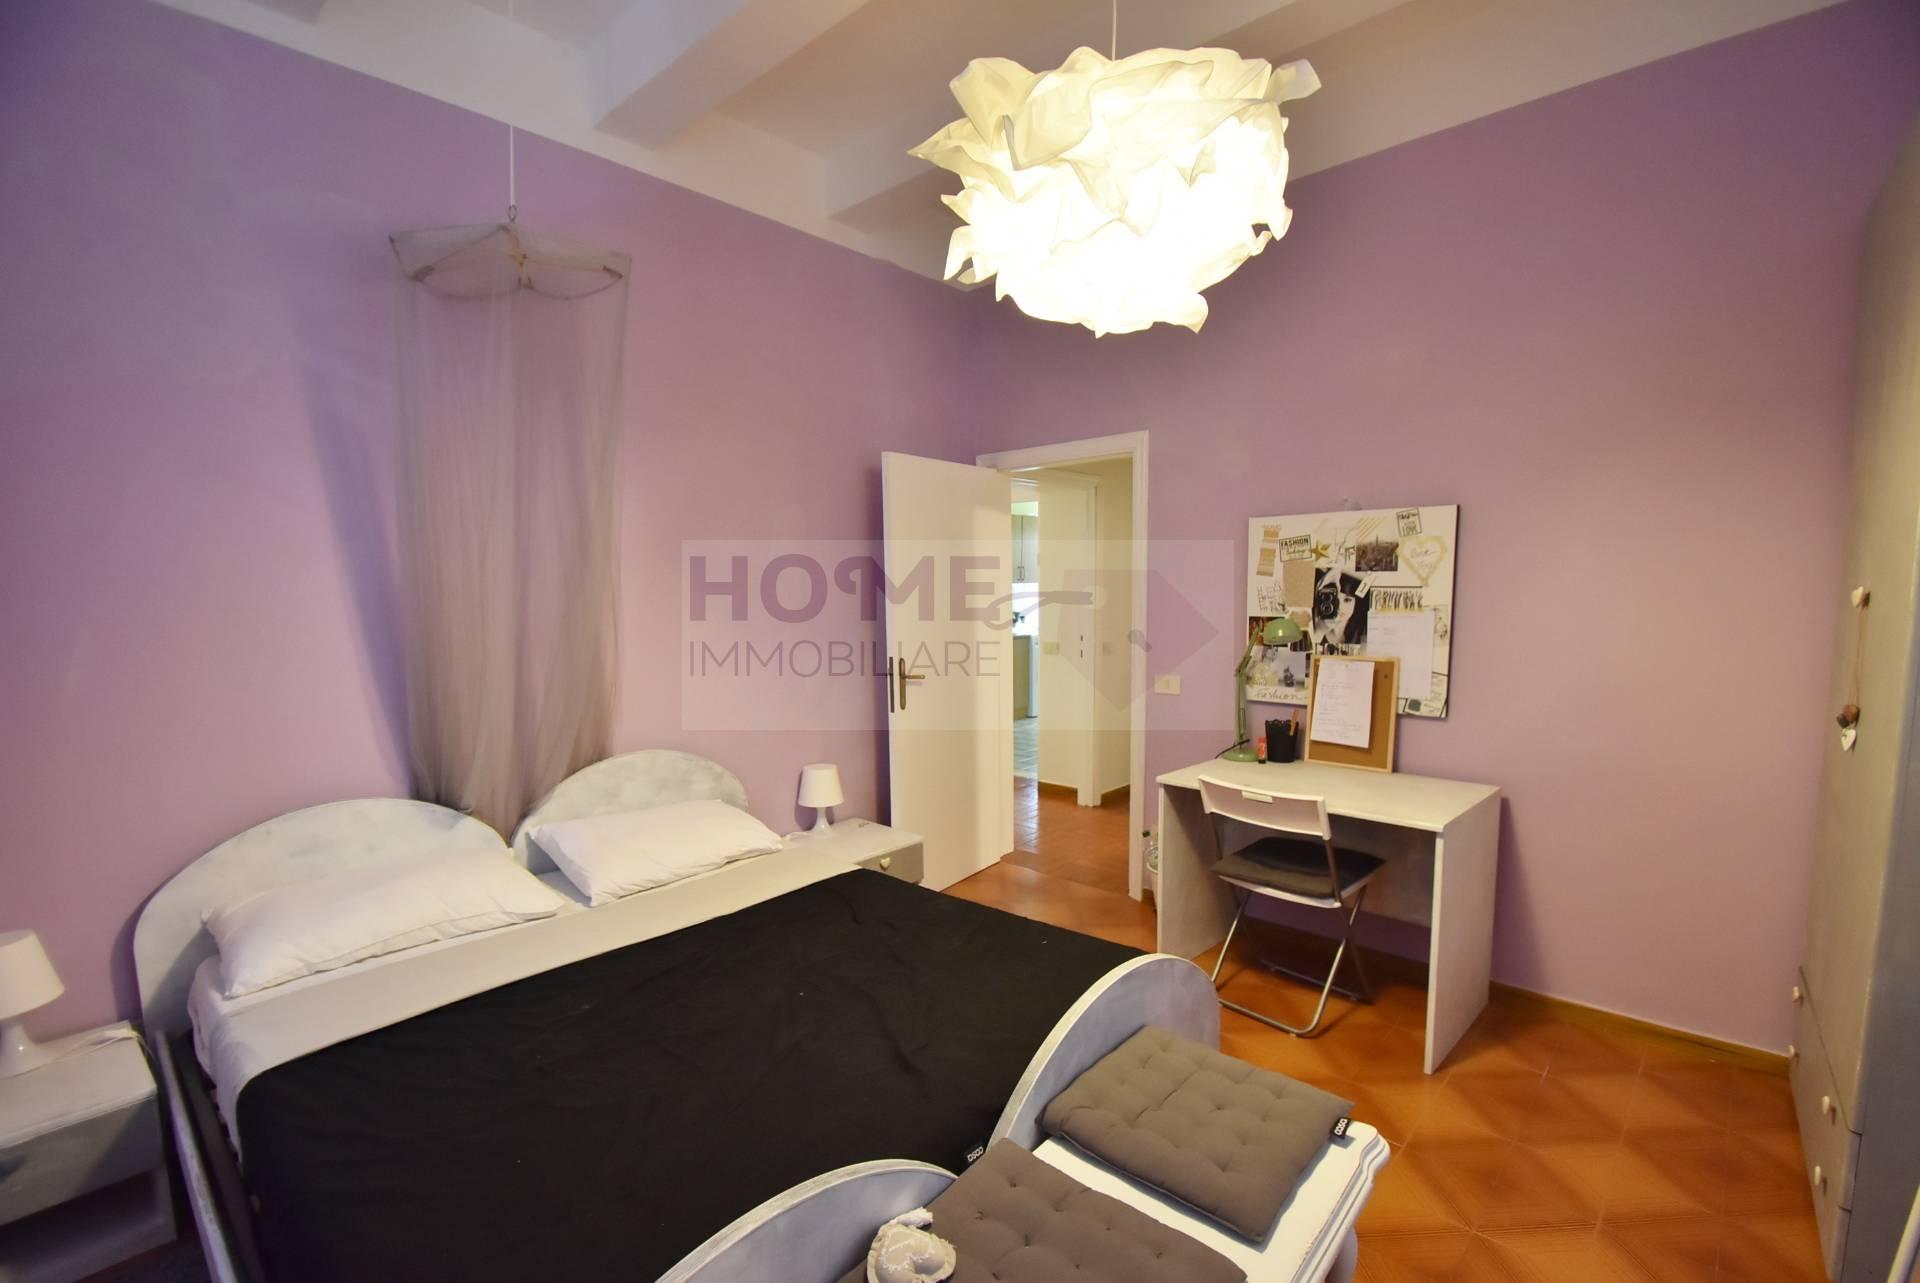 Appartamento in affitto a Macerata, 6 locali, zona Località: ZonaCentrale, Trattative riservate | CambioCasa.it